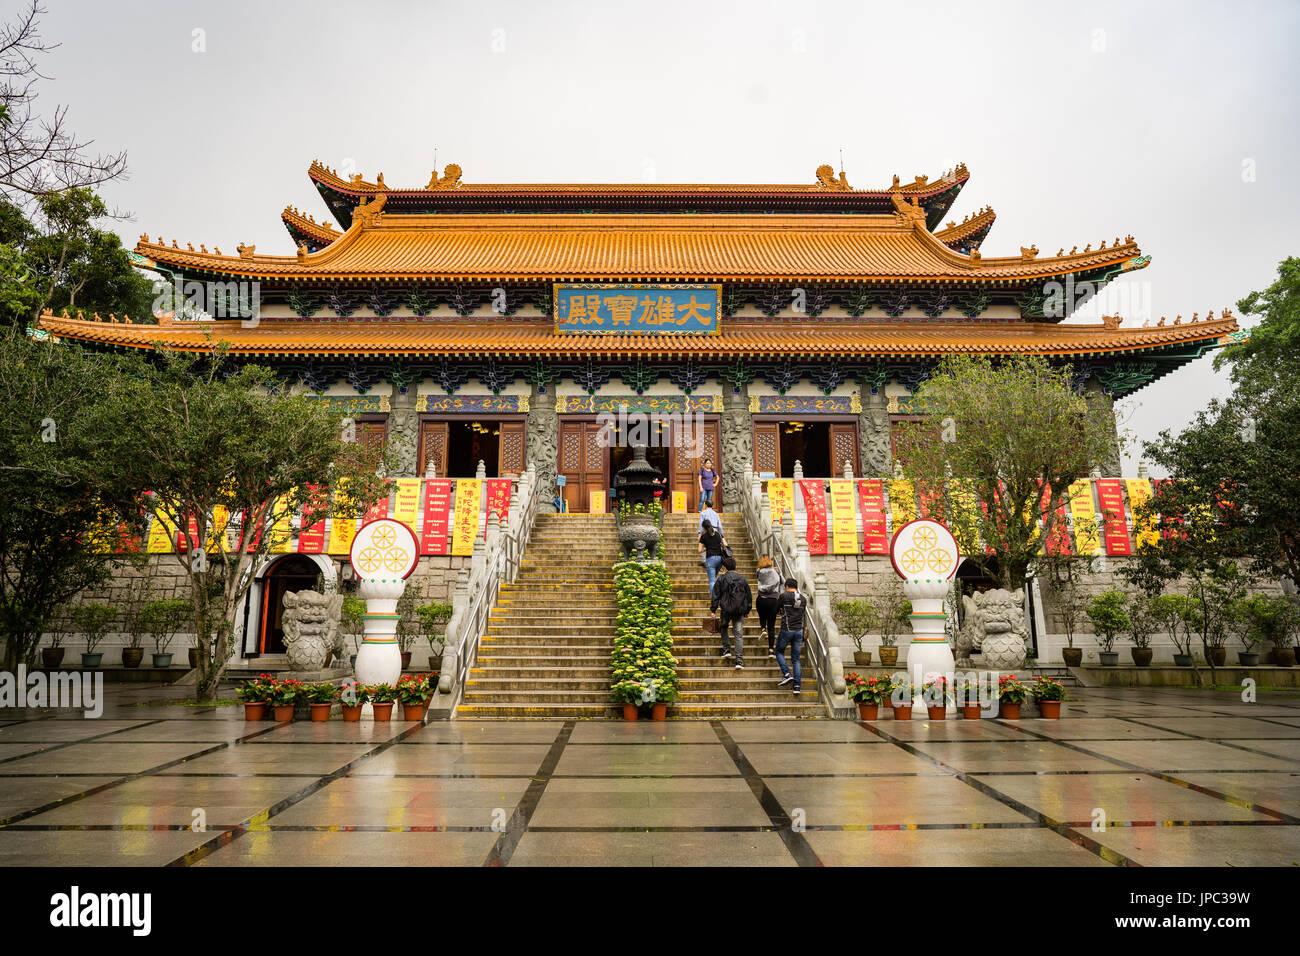 Po Lin monastery main hall - Stock Image